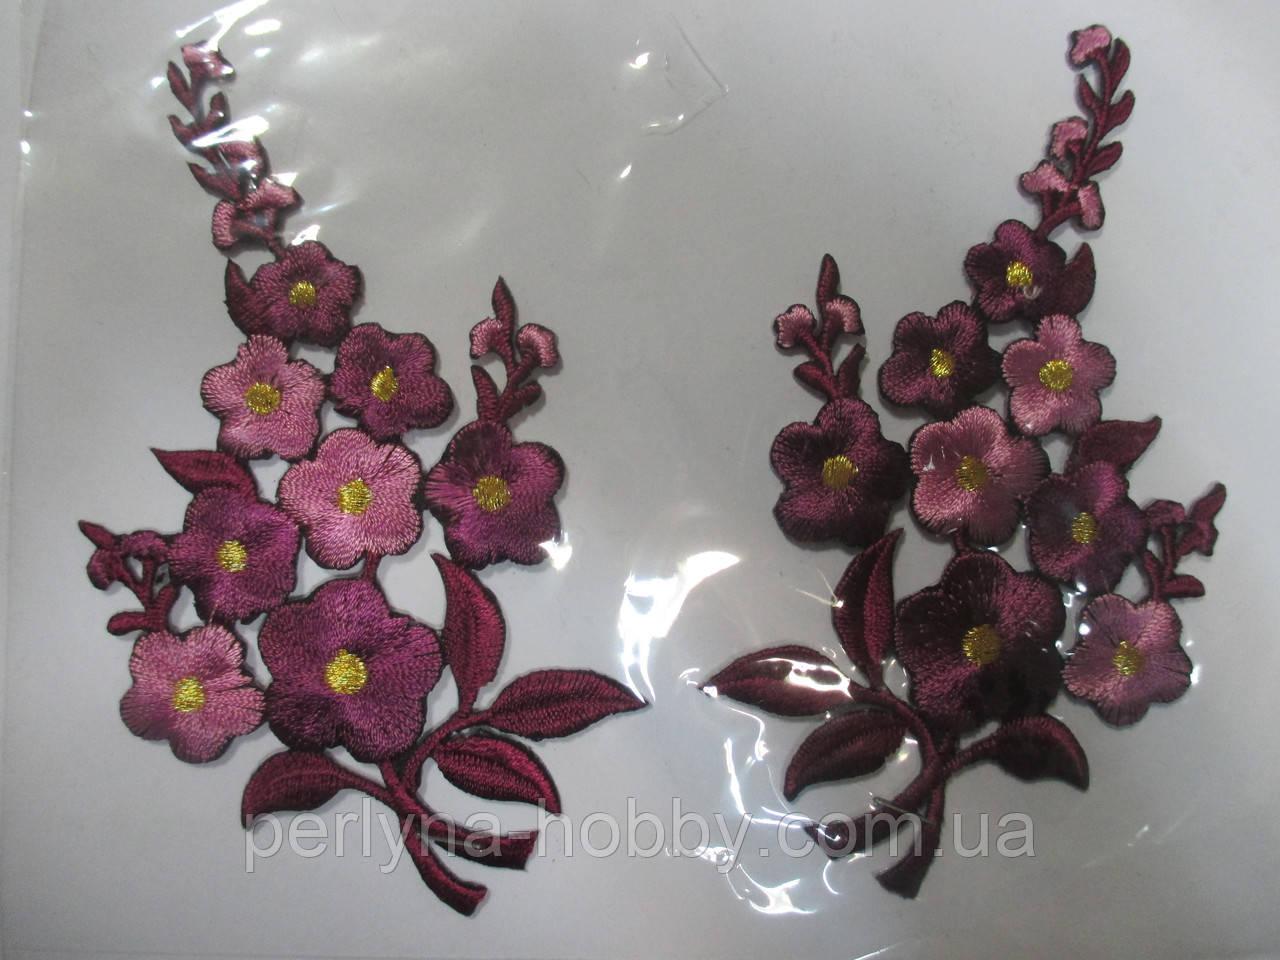 """Аплікація вишивка клейова парна """"Квіти"""" фіолетово-сливові, 12 см 1пара"""